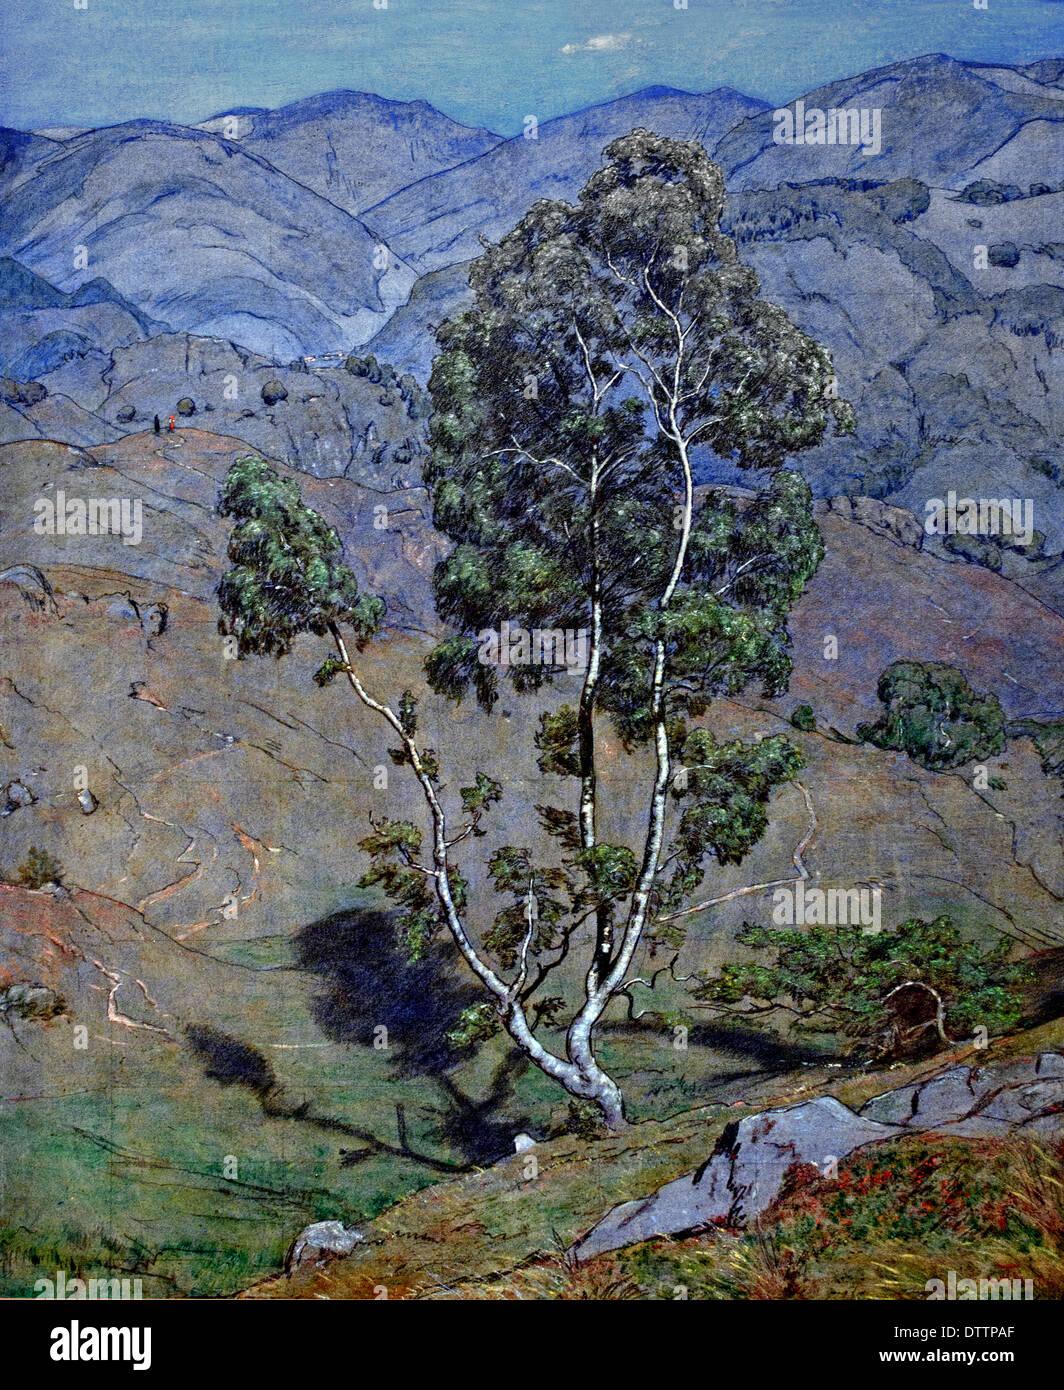 Die Birke Bei Schönau im Schwarzwald - The Birch In Schönau im Schwarzwald 1904 Hans Thoma 1839 - 1924 German Germany - Stock Image